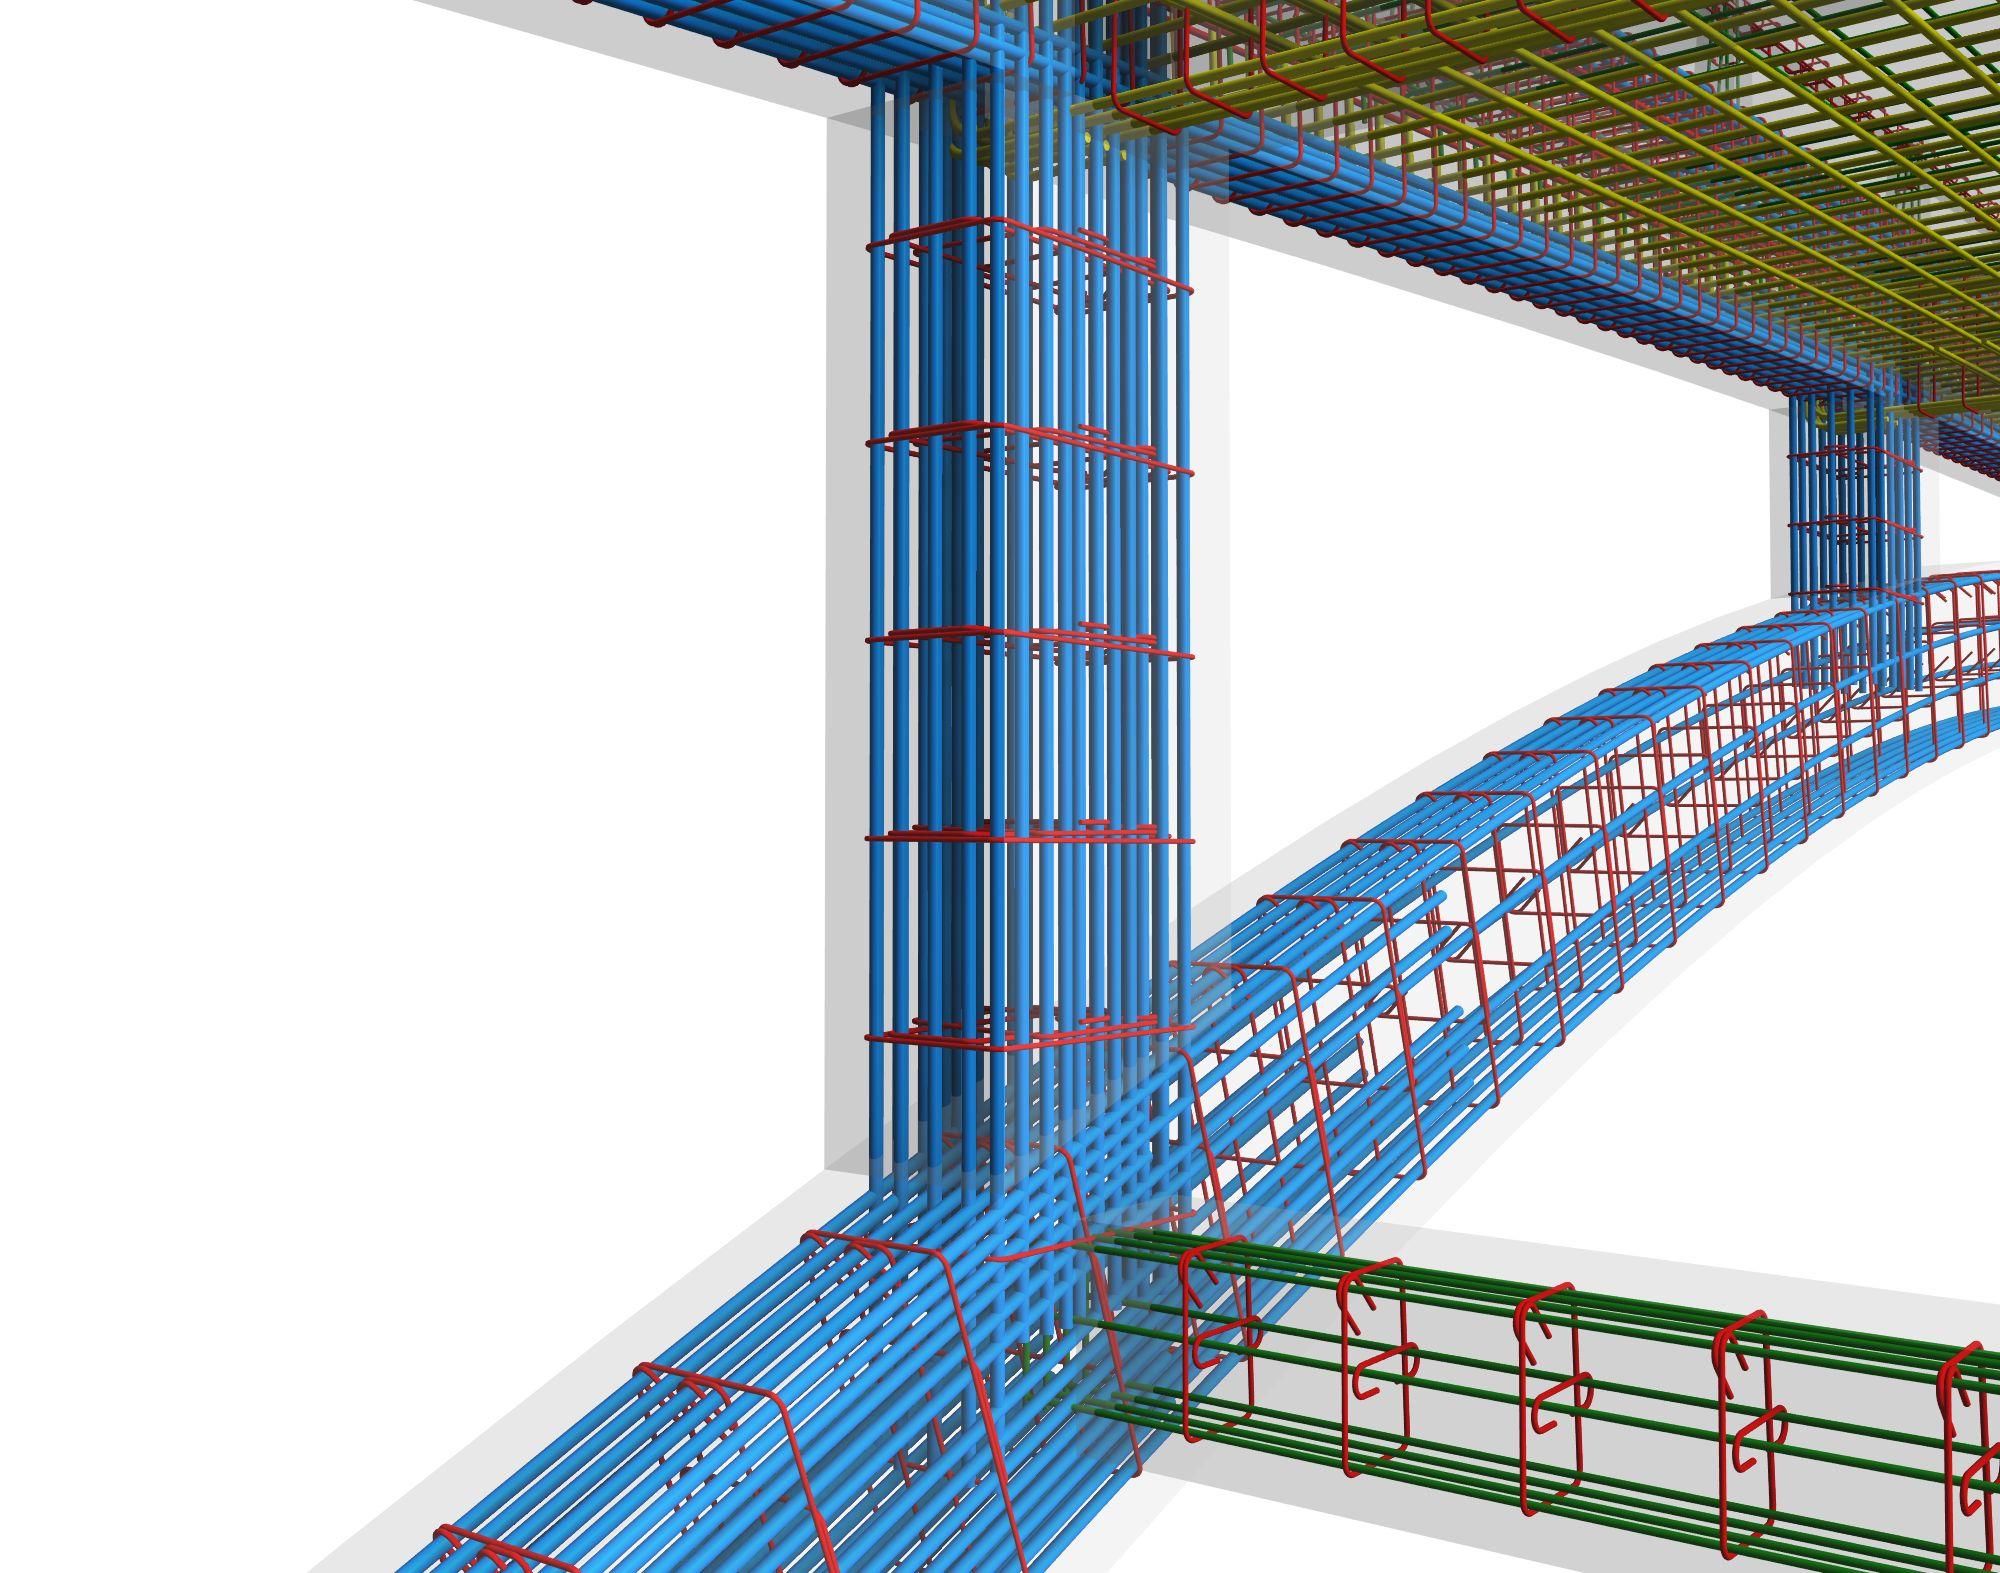 Puente-jkr---ds894-3500-3500